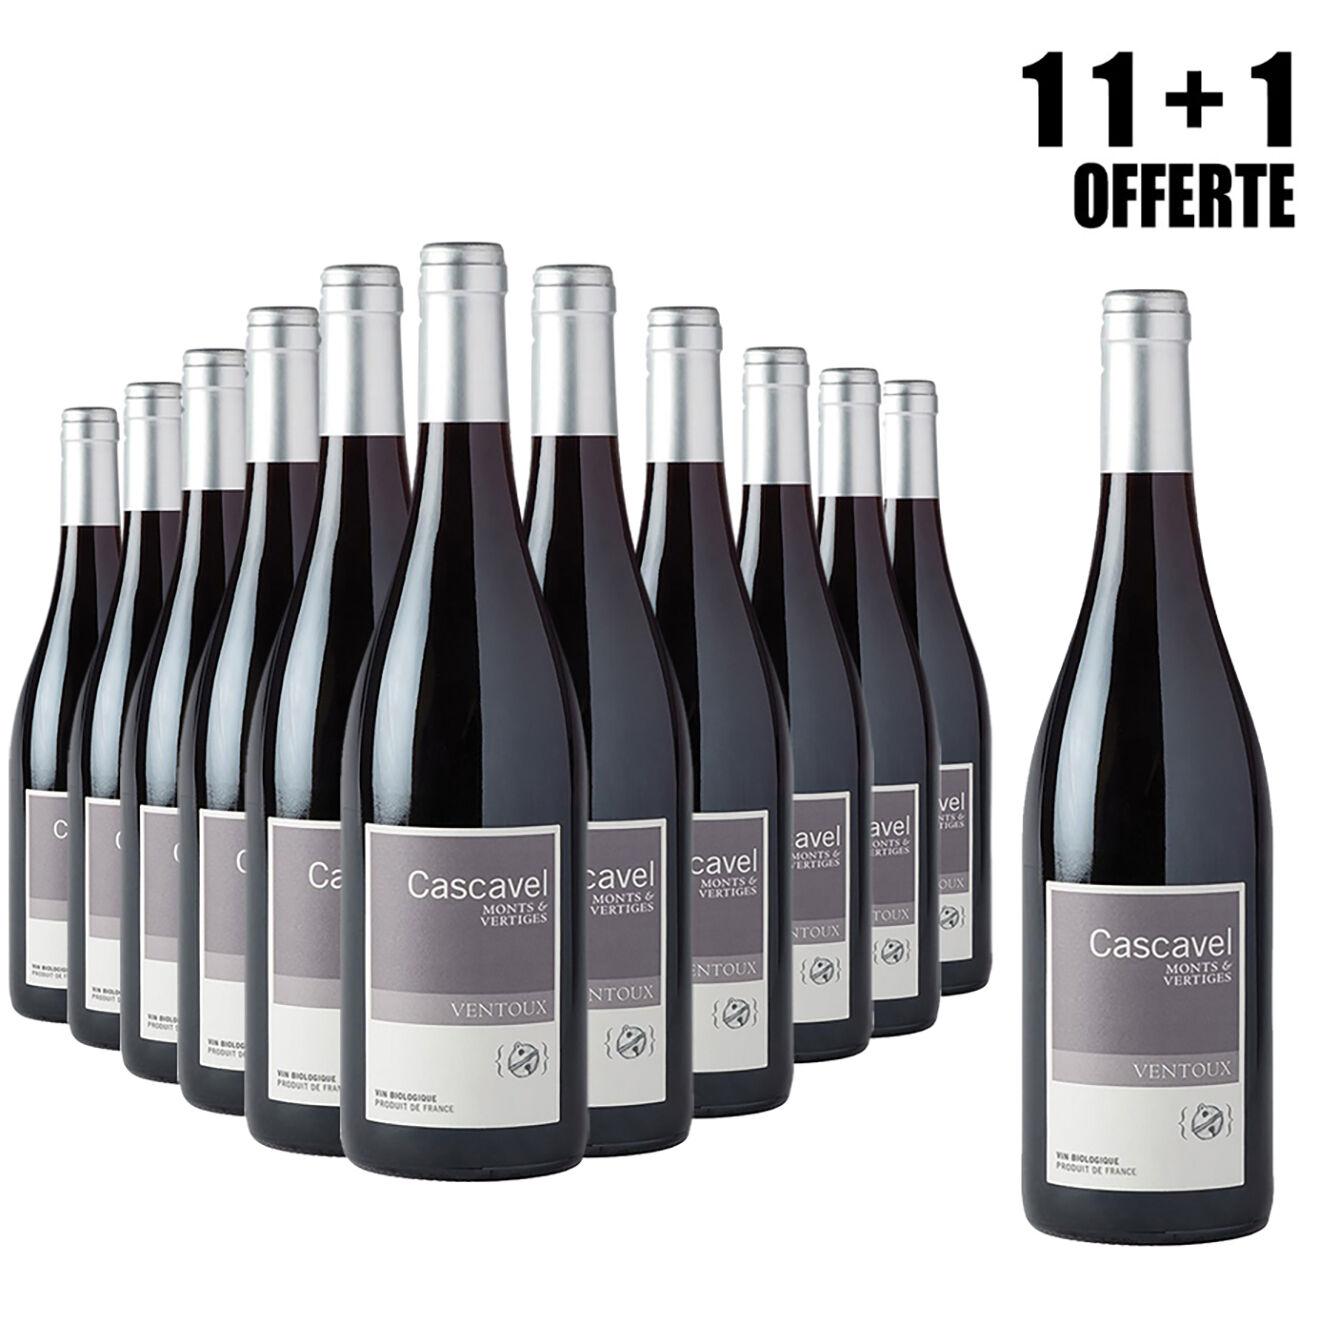 Lot de 11 Ventoux 2015 Cascavel 75cl + 1 Offerte